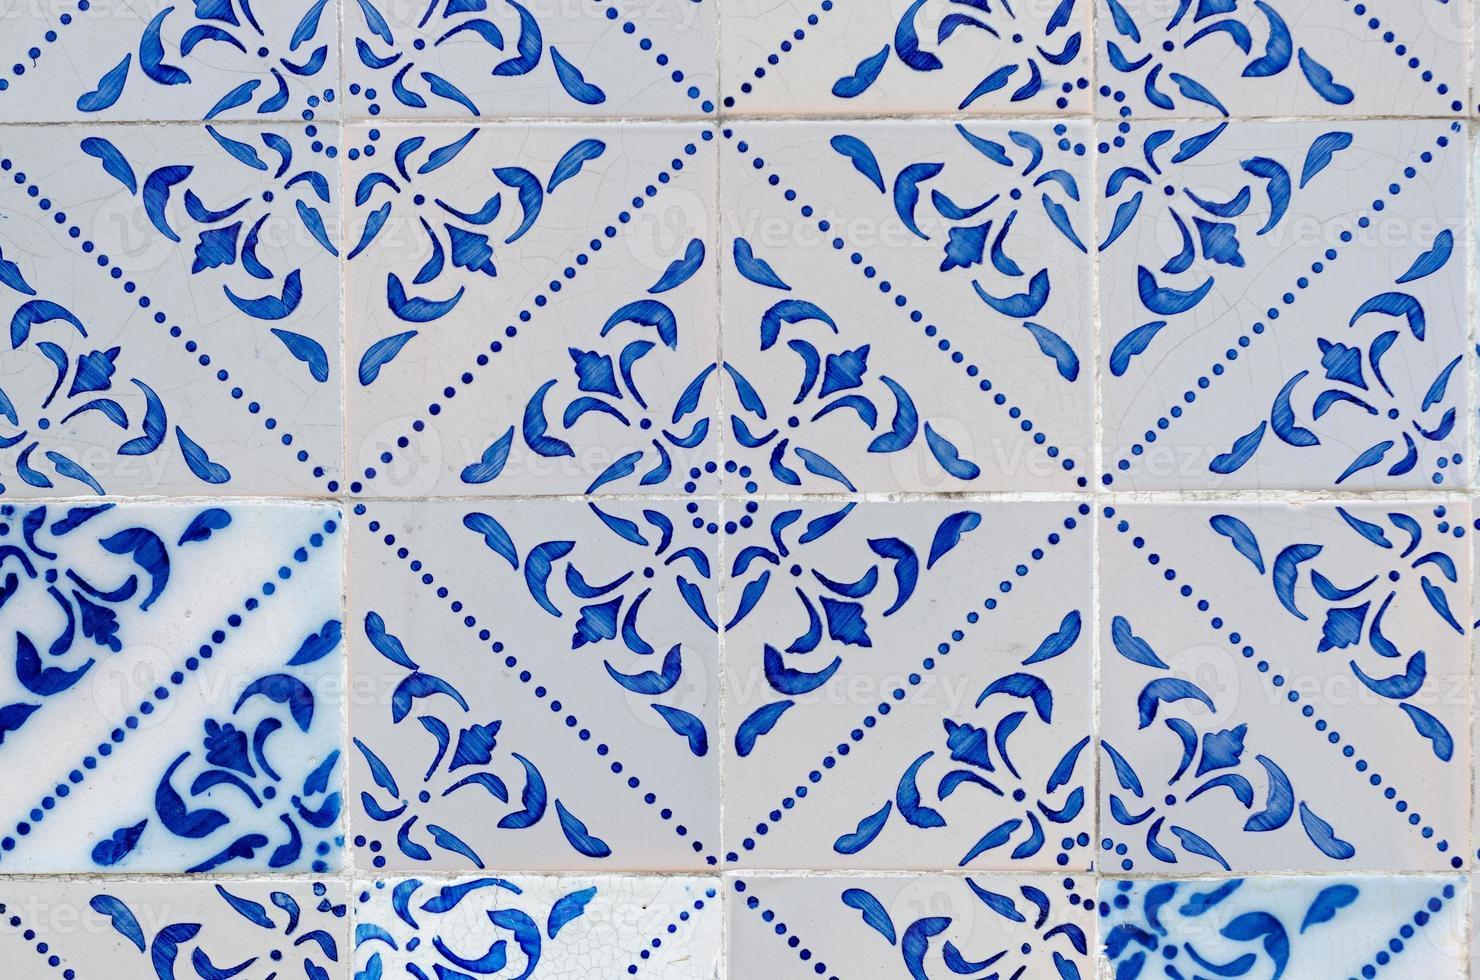 piastrelle smaltate portoghesi tradizionali foto